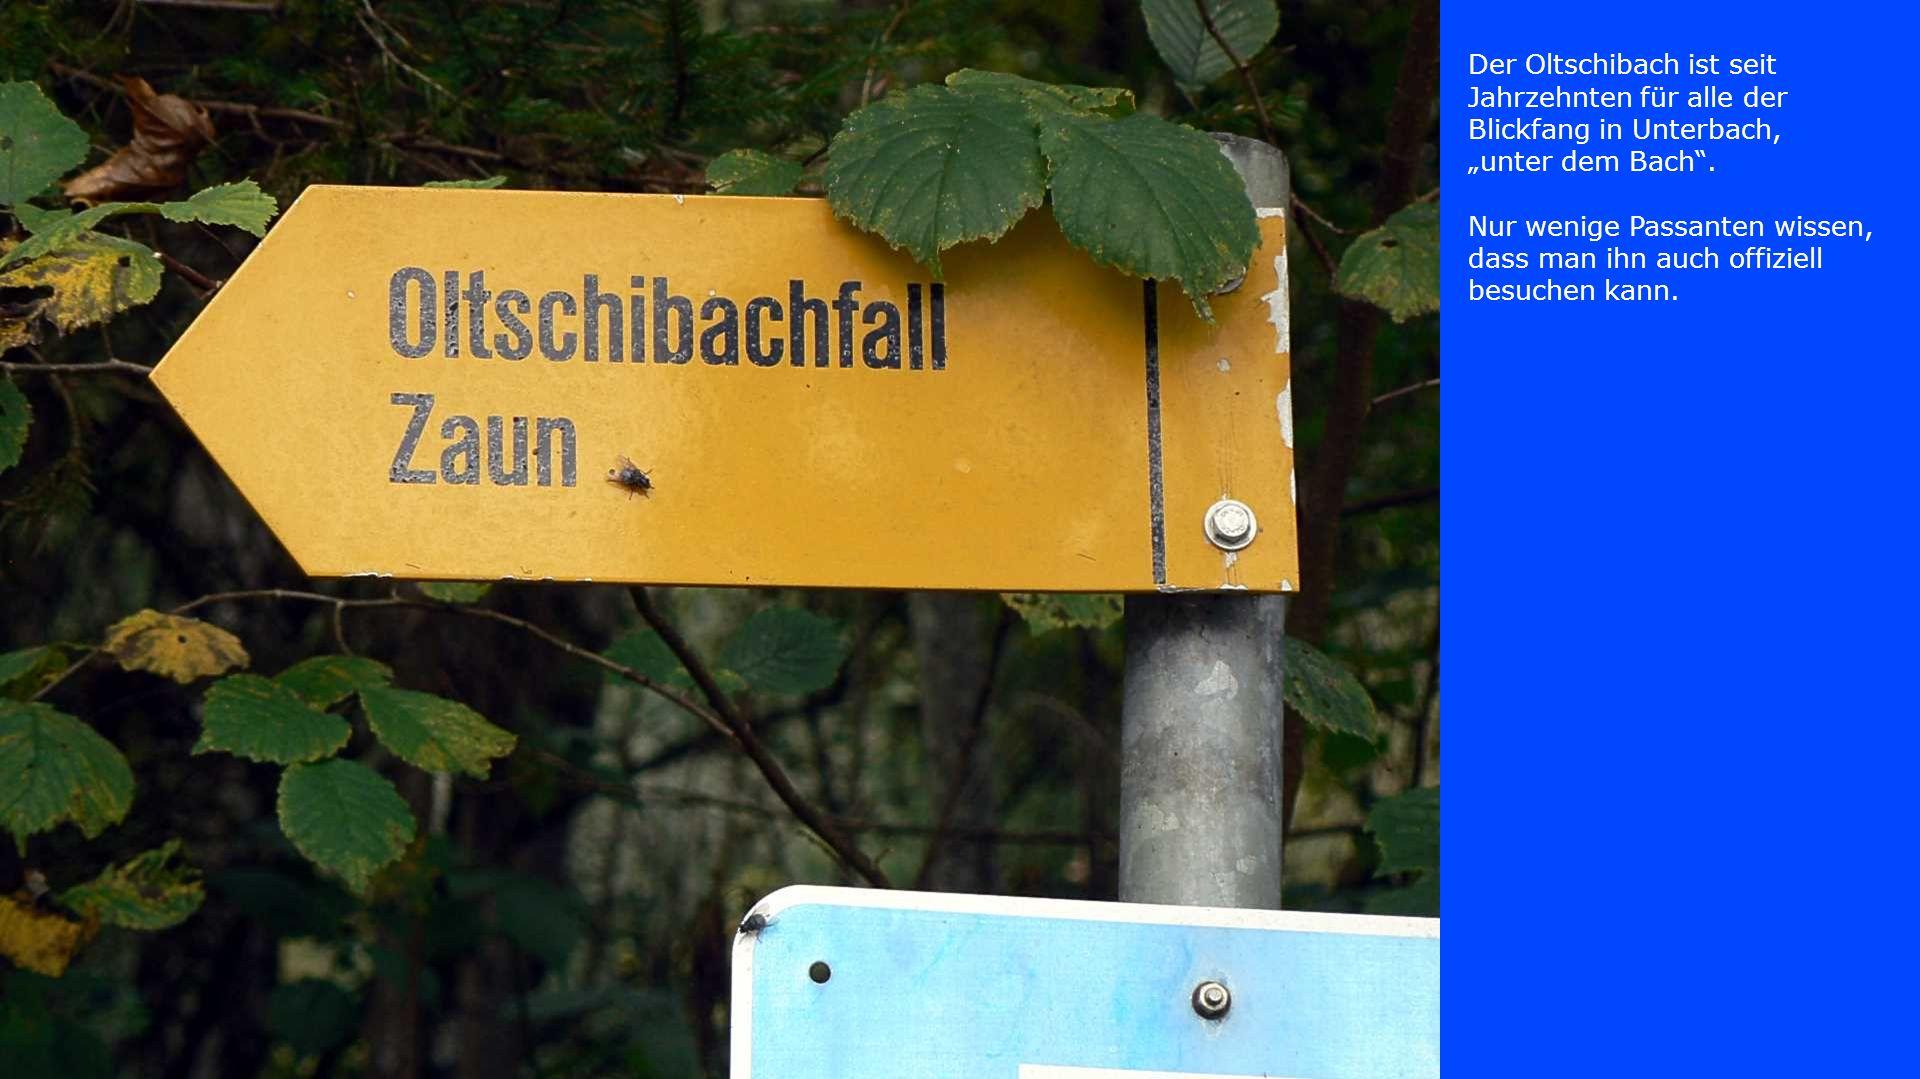 Der Oltschibach ist seit Jahrzehnten für alle der Blickfang in Unterbach, unter dem Bach. Nur wenige Passanten wissen, dass man ihn auch offiziell bes